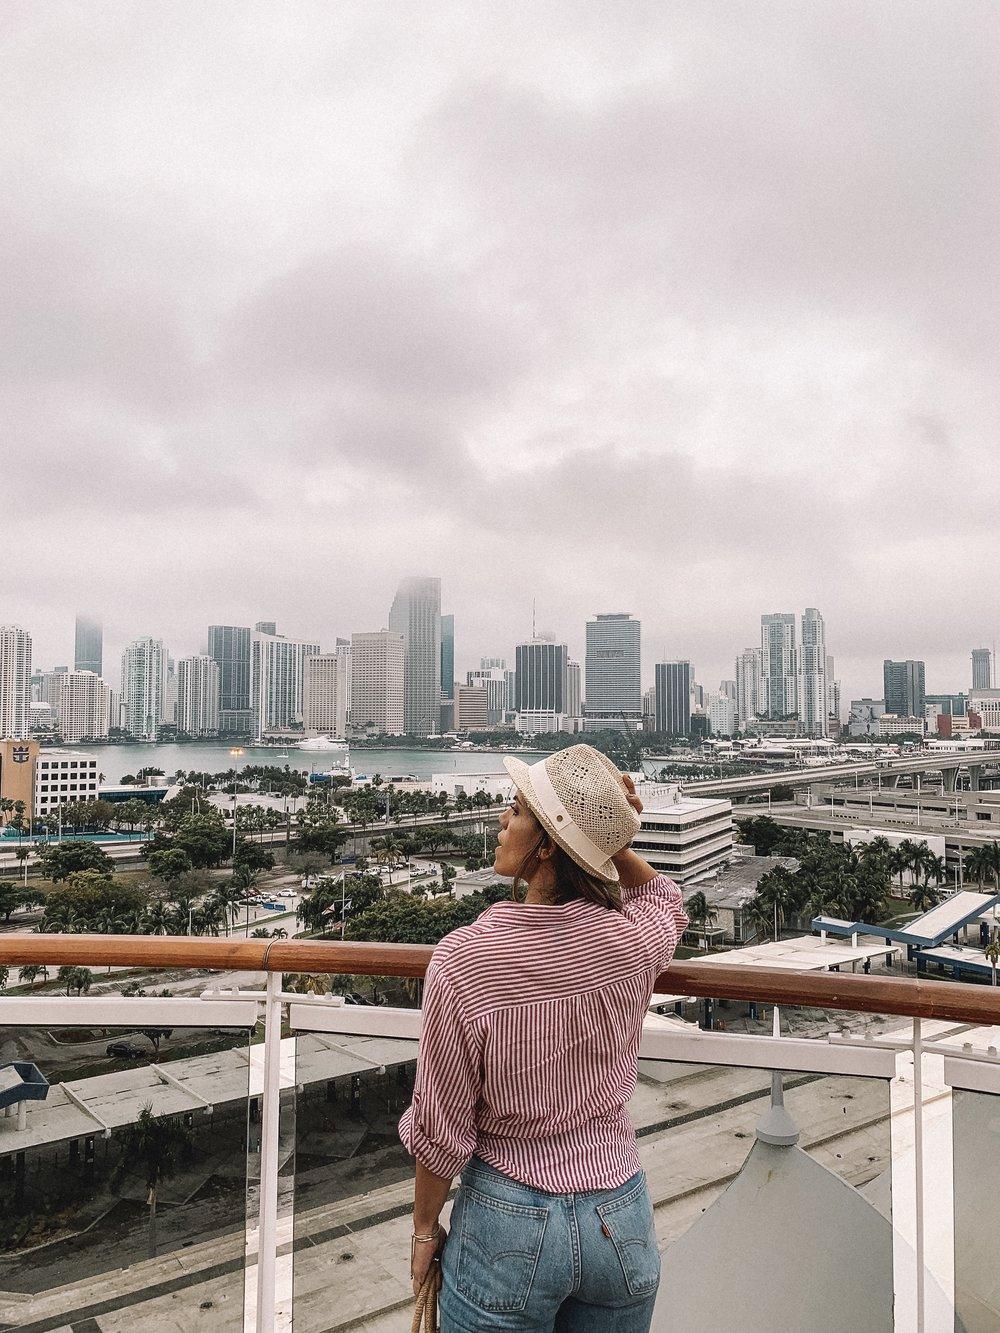 Vista de South Miami